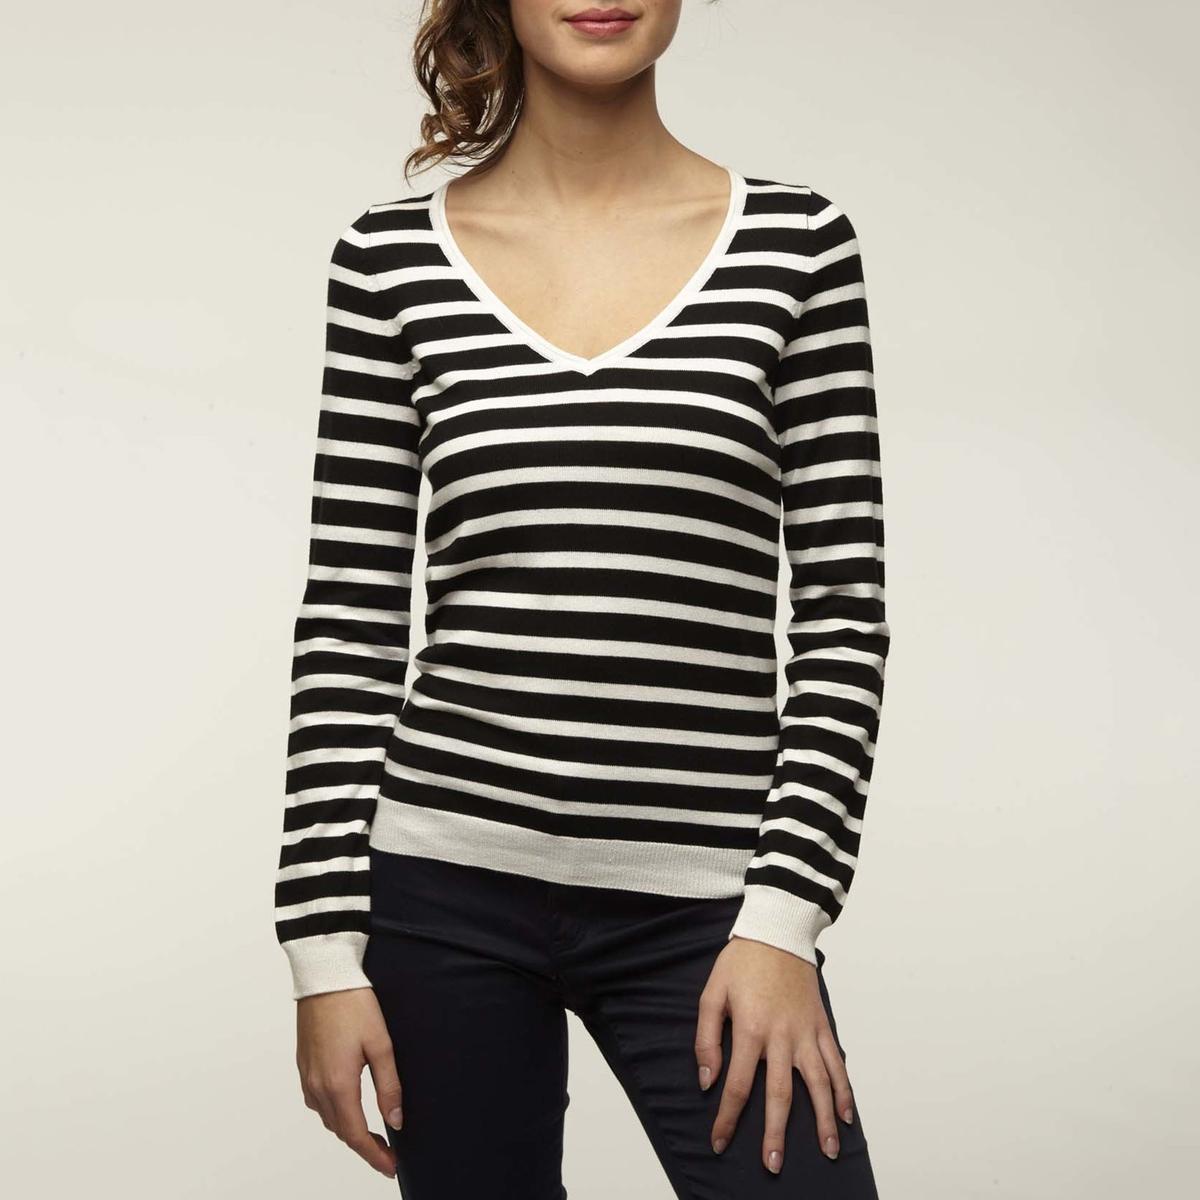 Пуловер с V-образным вырезом из тонкого трикотажа MARIBEST